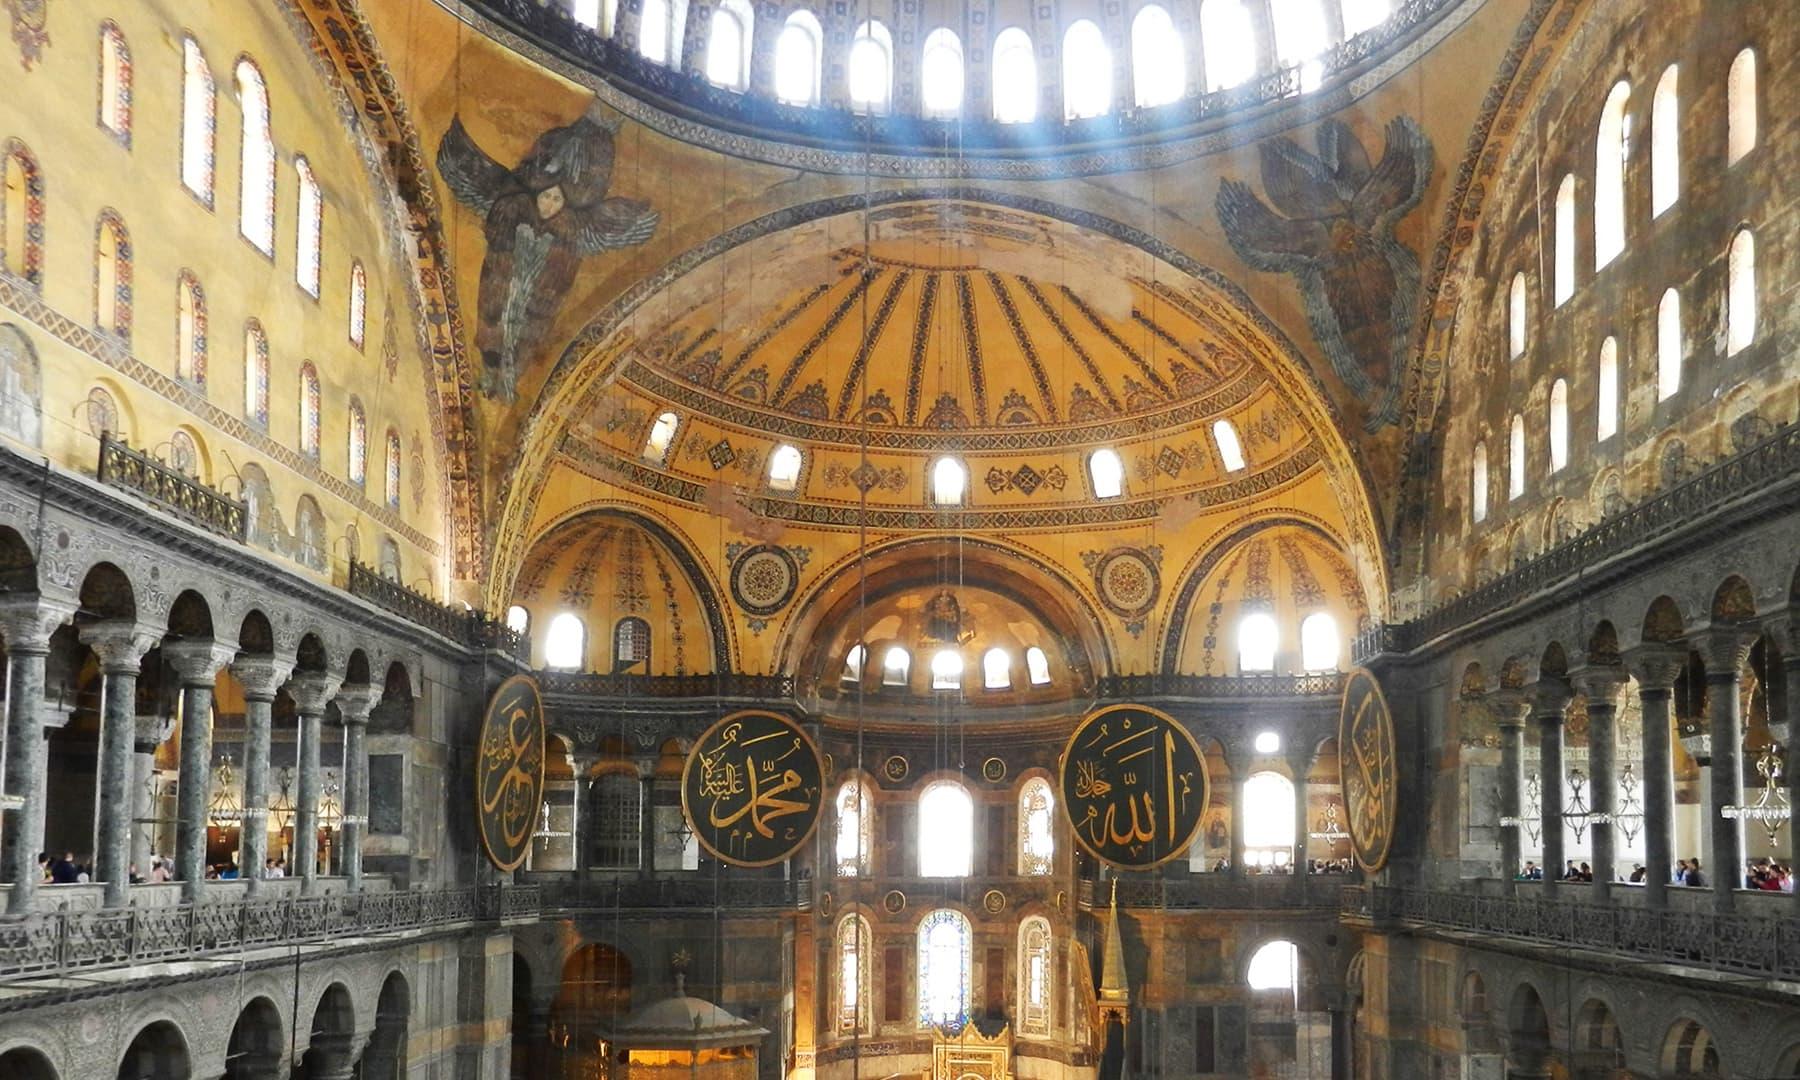 آیا صوفیہ، جسے اب عجائب گھر میں تبدیل کر دیا گیا ہے۔